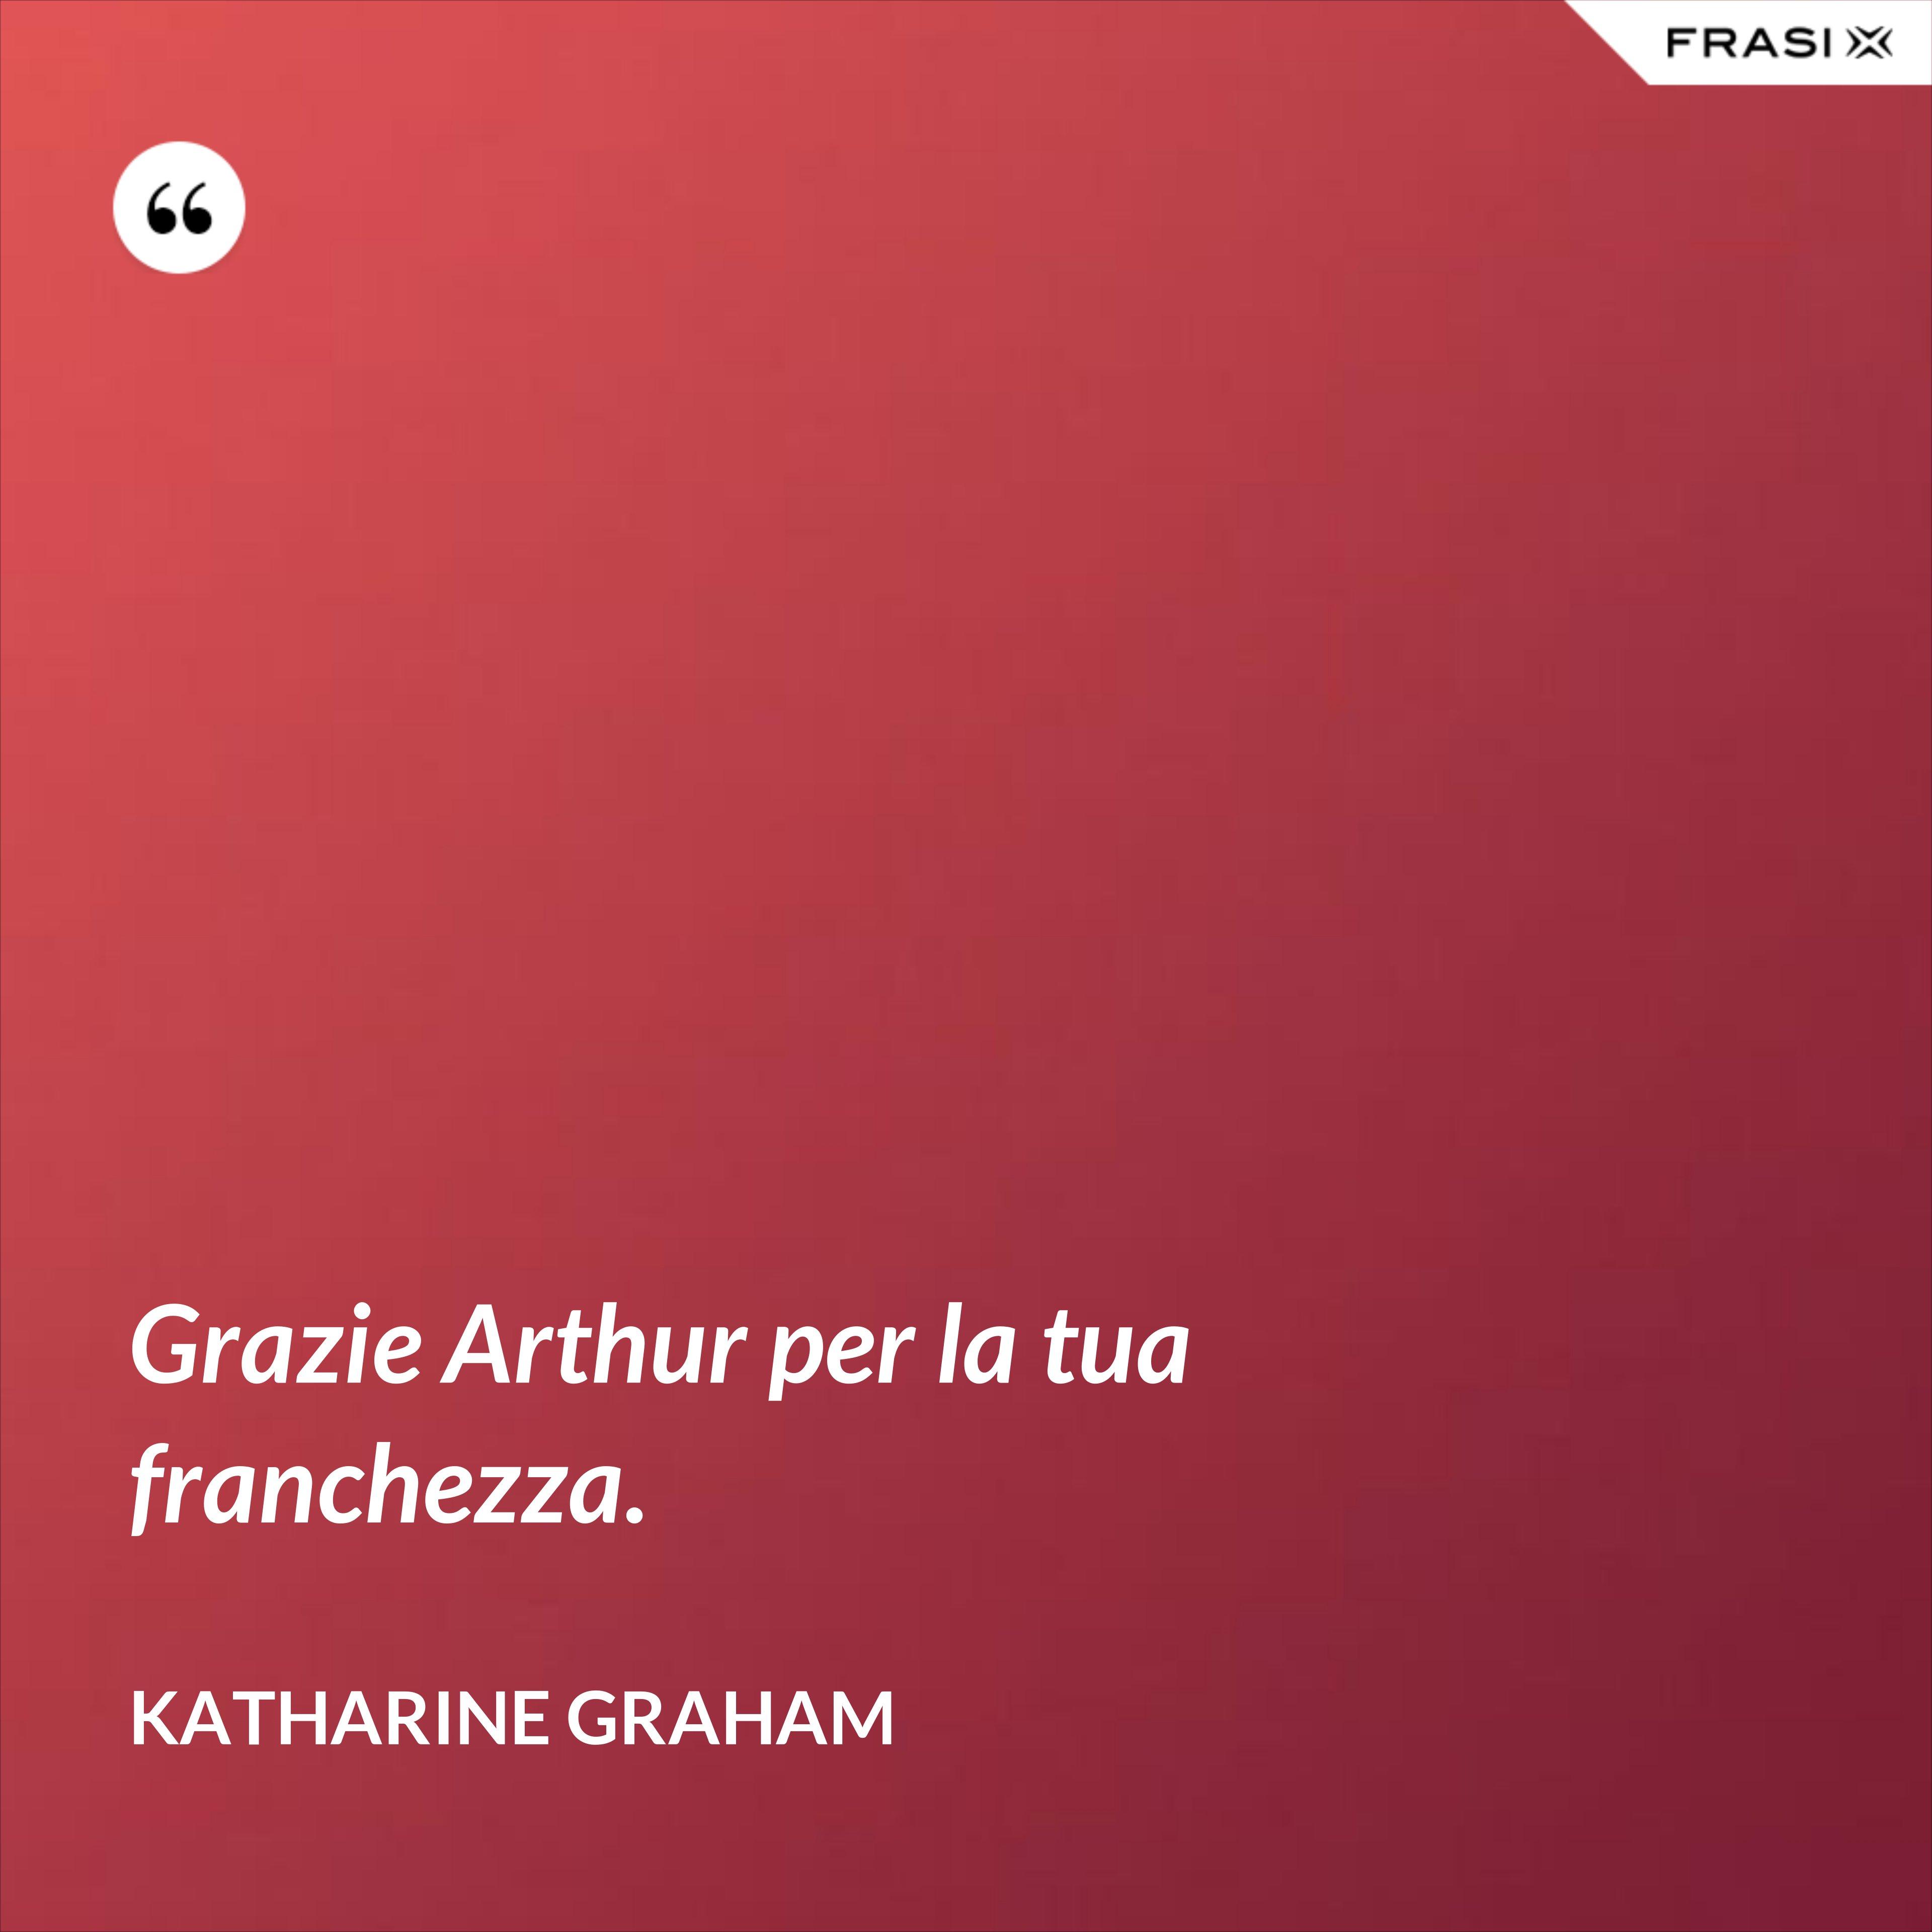 Grazie Arthur per la tua franchezza. - Katharine Graham